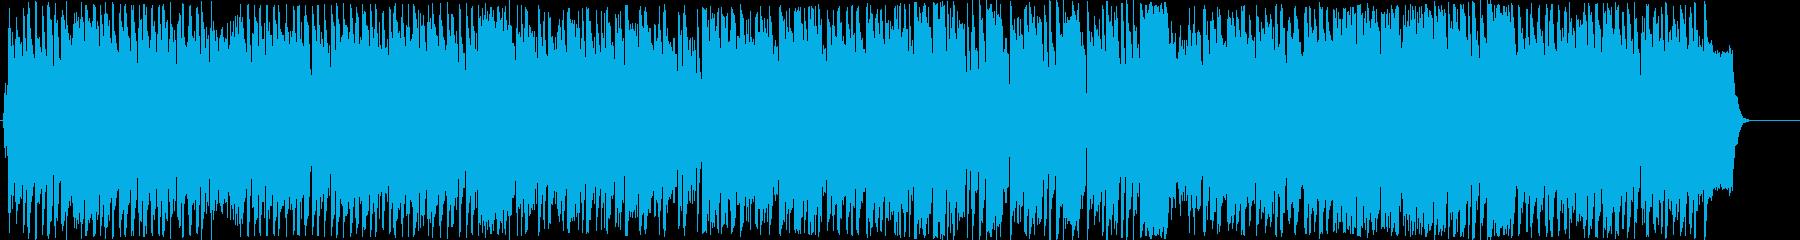 陽気感と哀愁感が対照的なアコーディオン曲の再生済みの波形